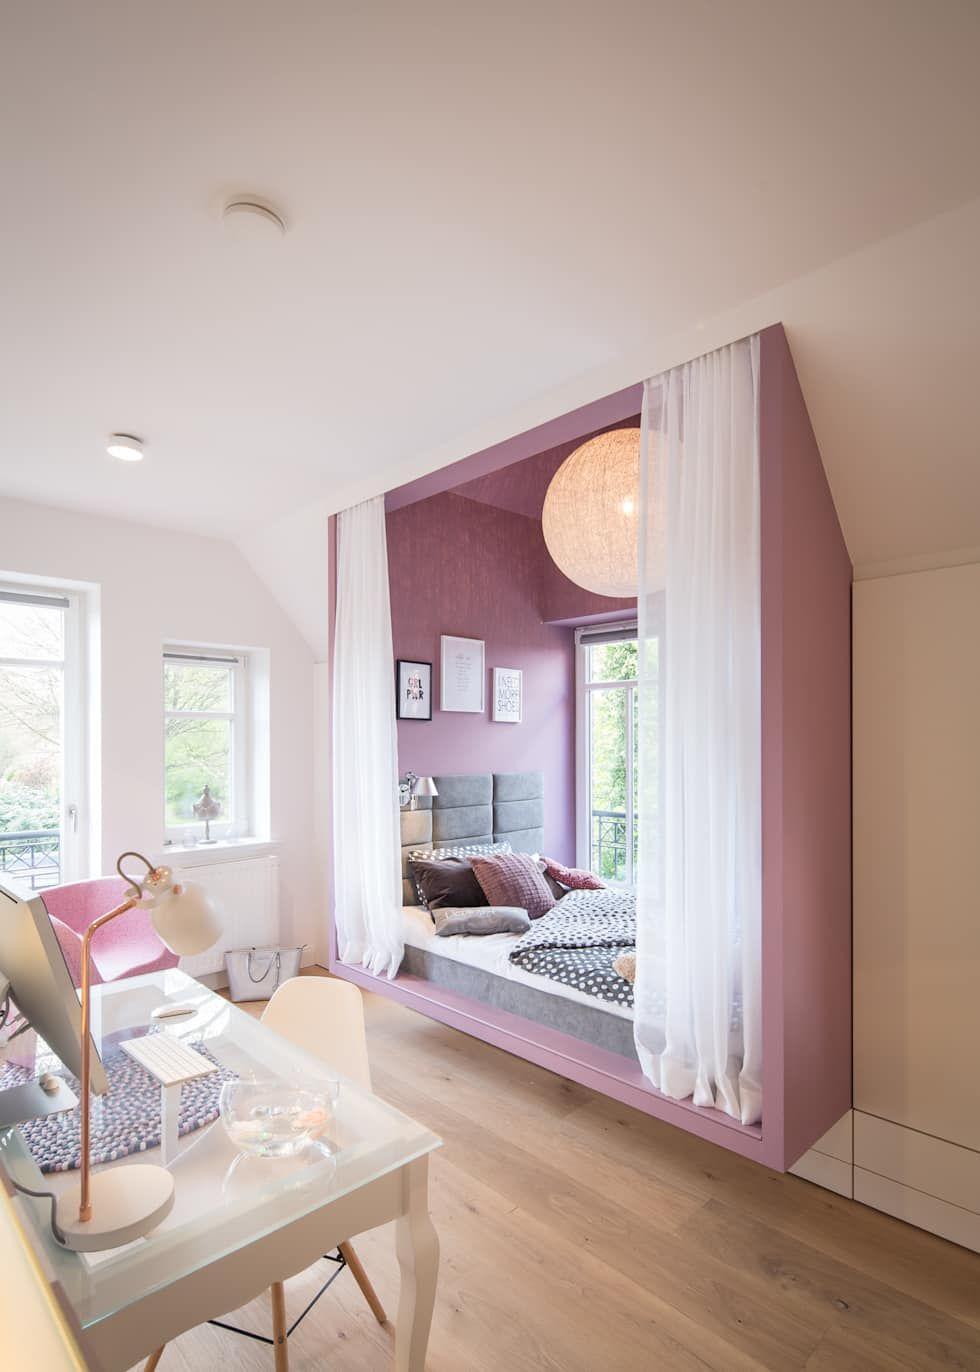 Raumaufkleber für mädchen wohnideen interior design einrichtungsideen u bilder  pinterest